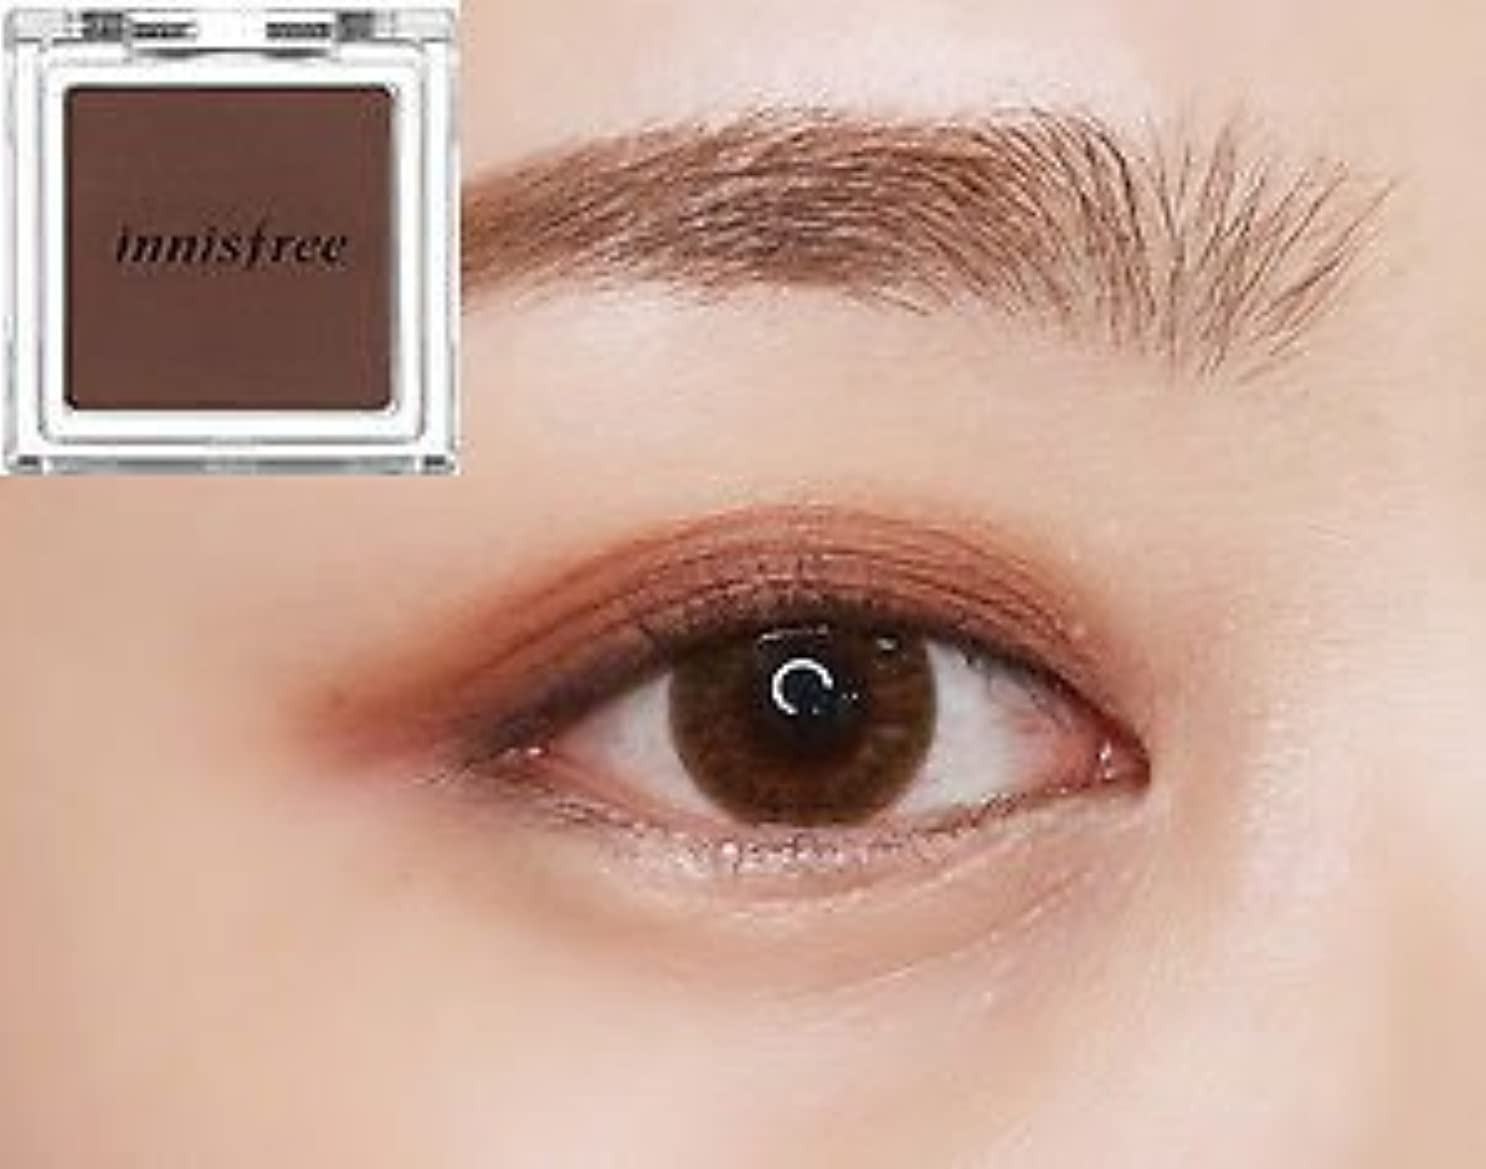 母エスカレータートラクター[イニスフリー] innisfree [マイ パレット マイ アイシャドウ (マット) 40カラー] MY PALETTE My Eyeshadow (Matte) 40 Shades [海外直送品] (マット #15)